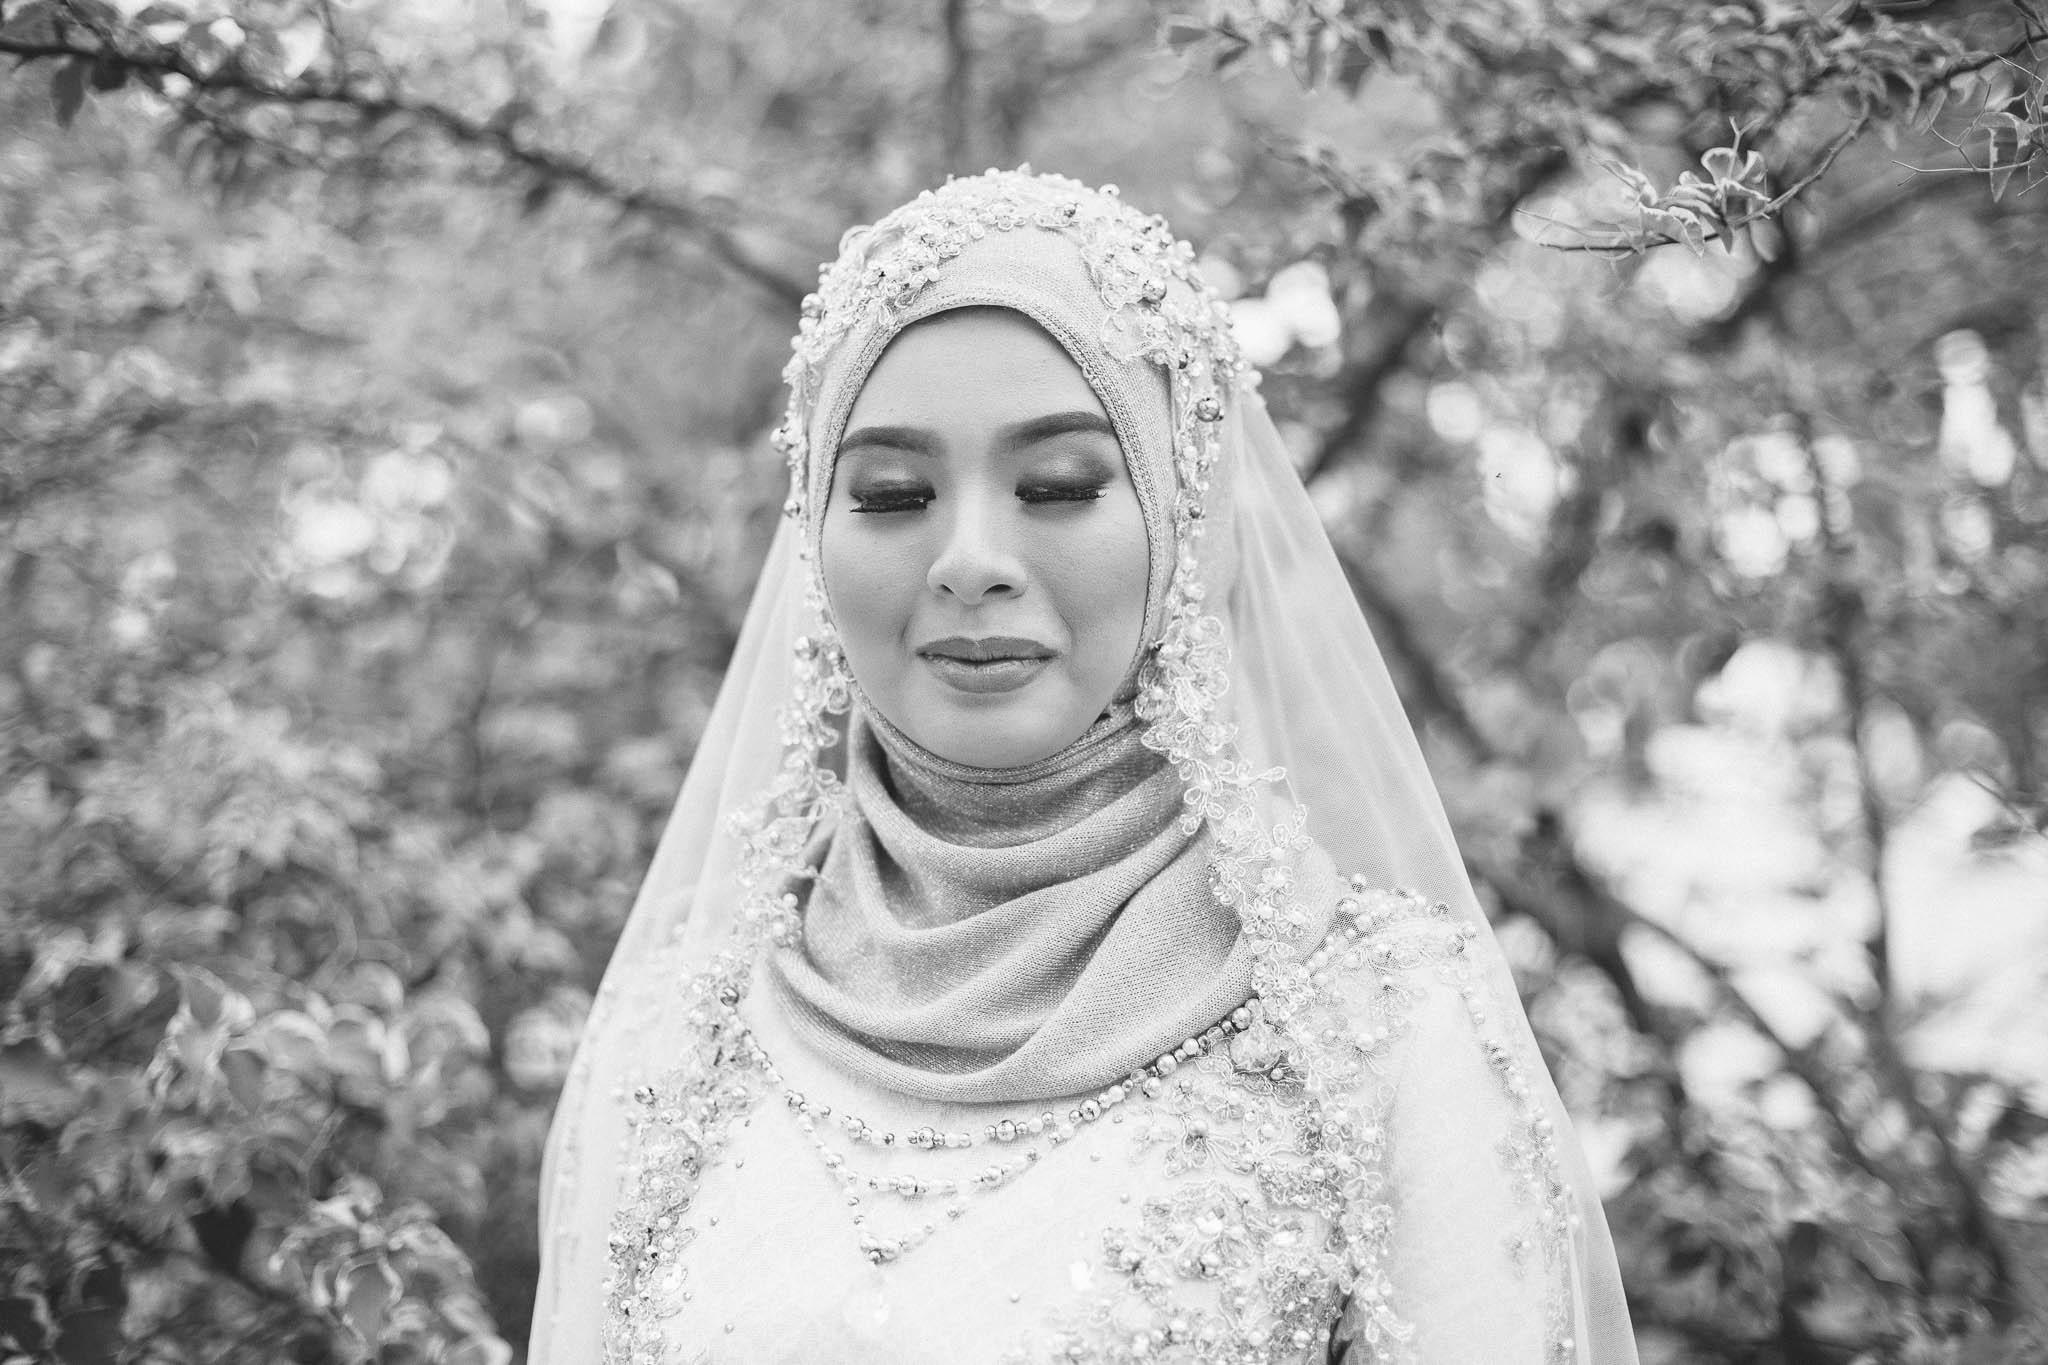 singapore-wedding-photographer-wemadethese-bw-019.jpg